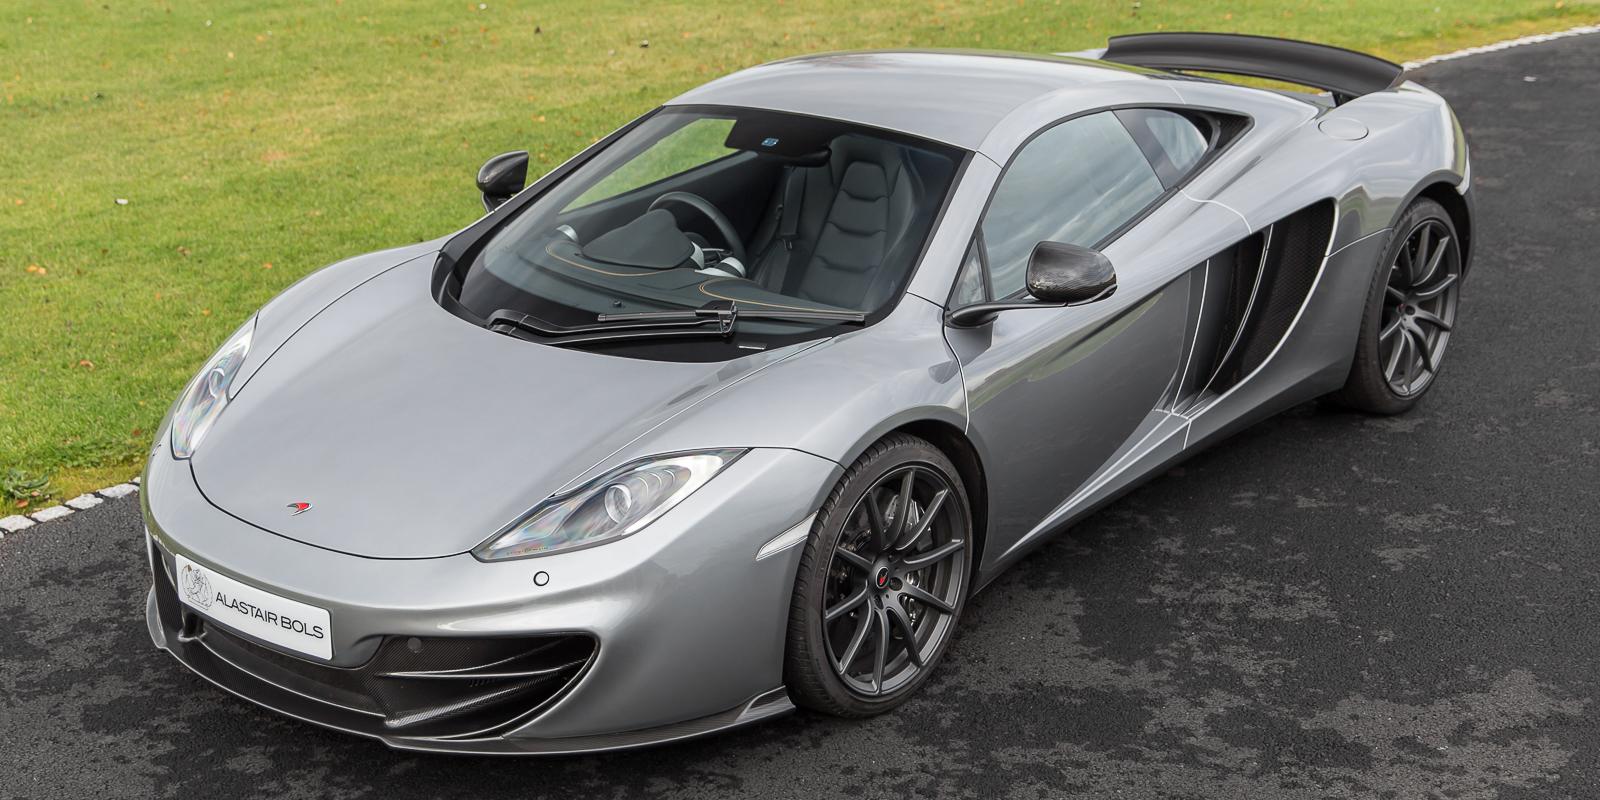 McLaren 12C Coupe Titanium silver